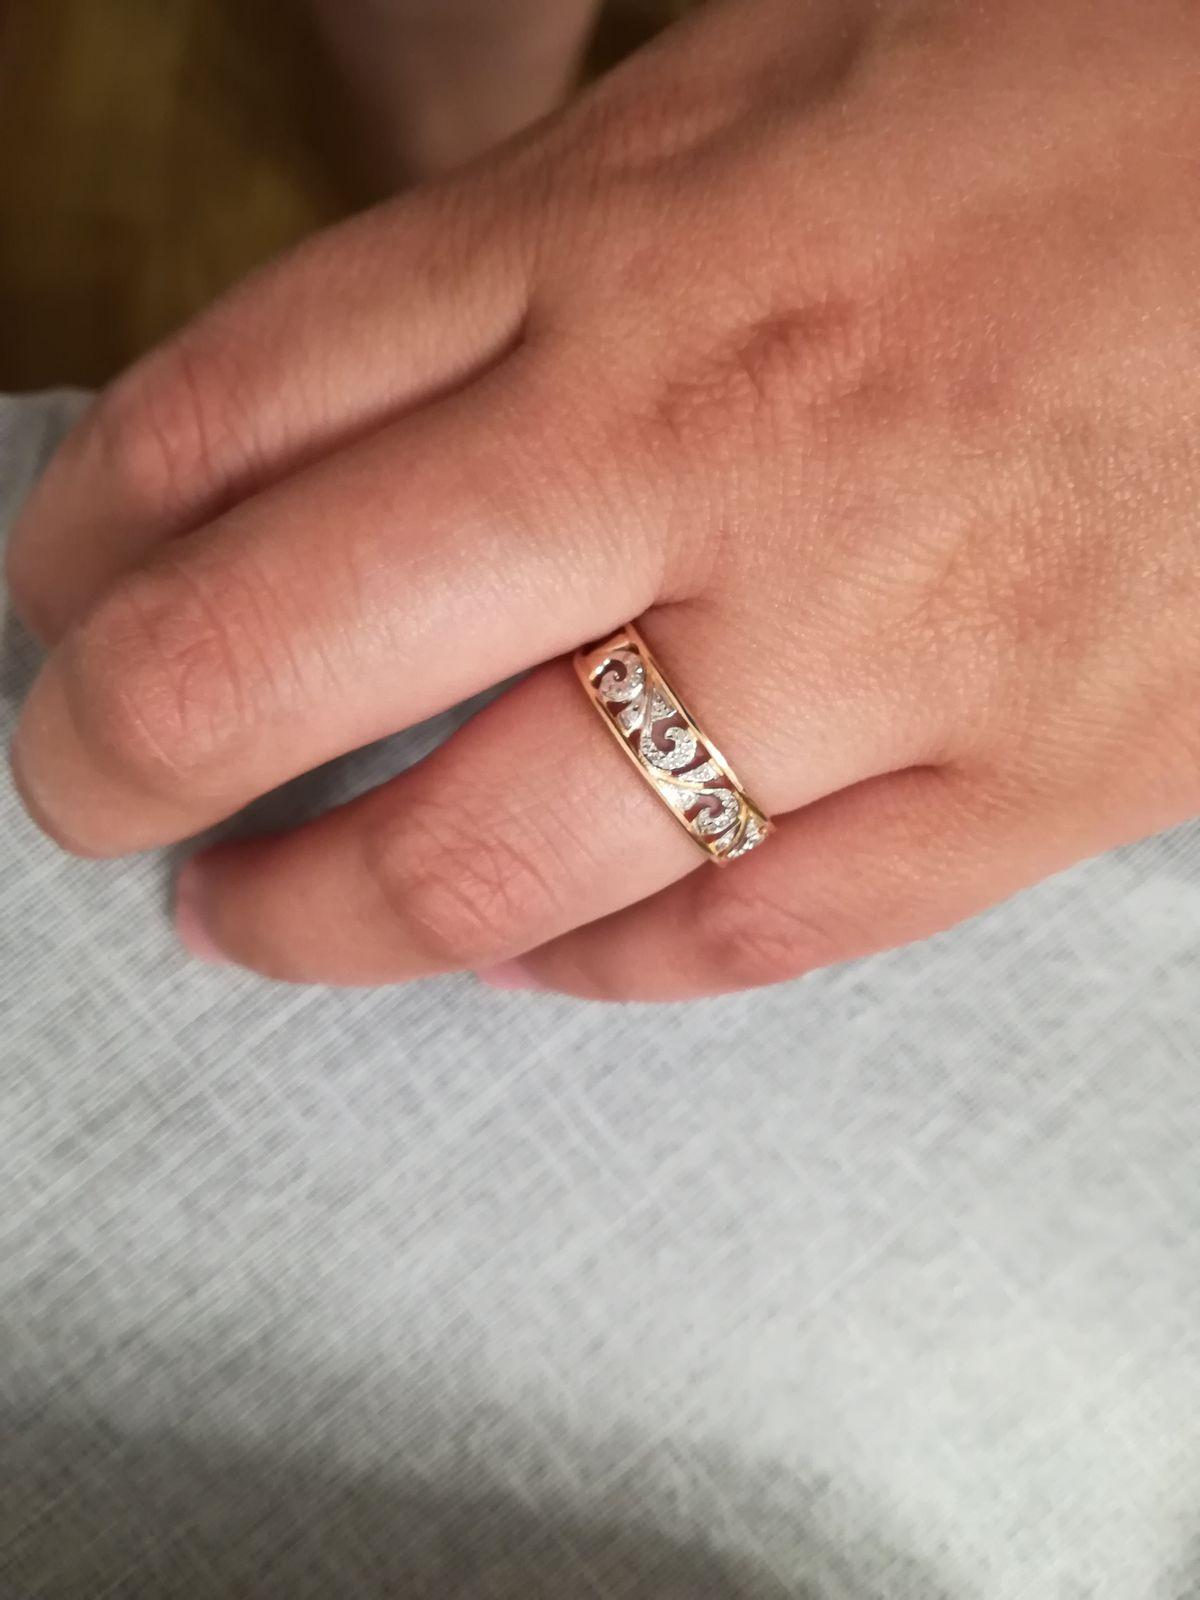 Кольцо - мечта!!! С таким можно делать предложение замуж!!